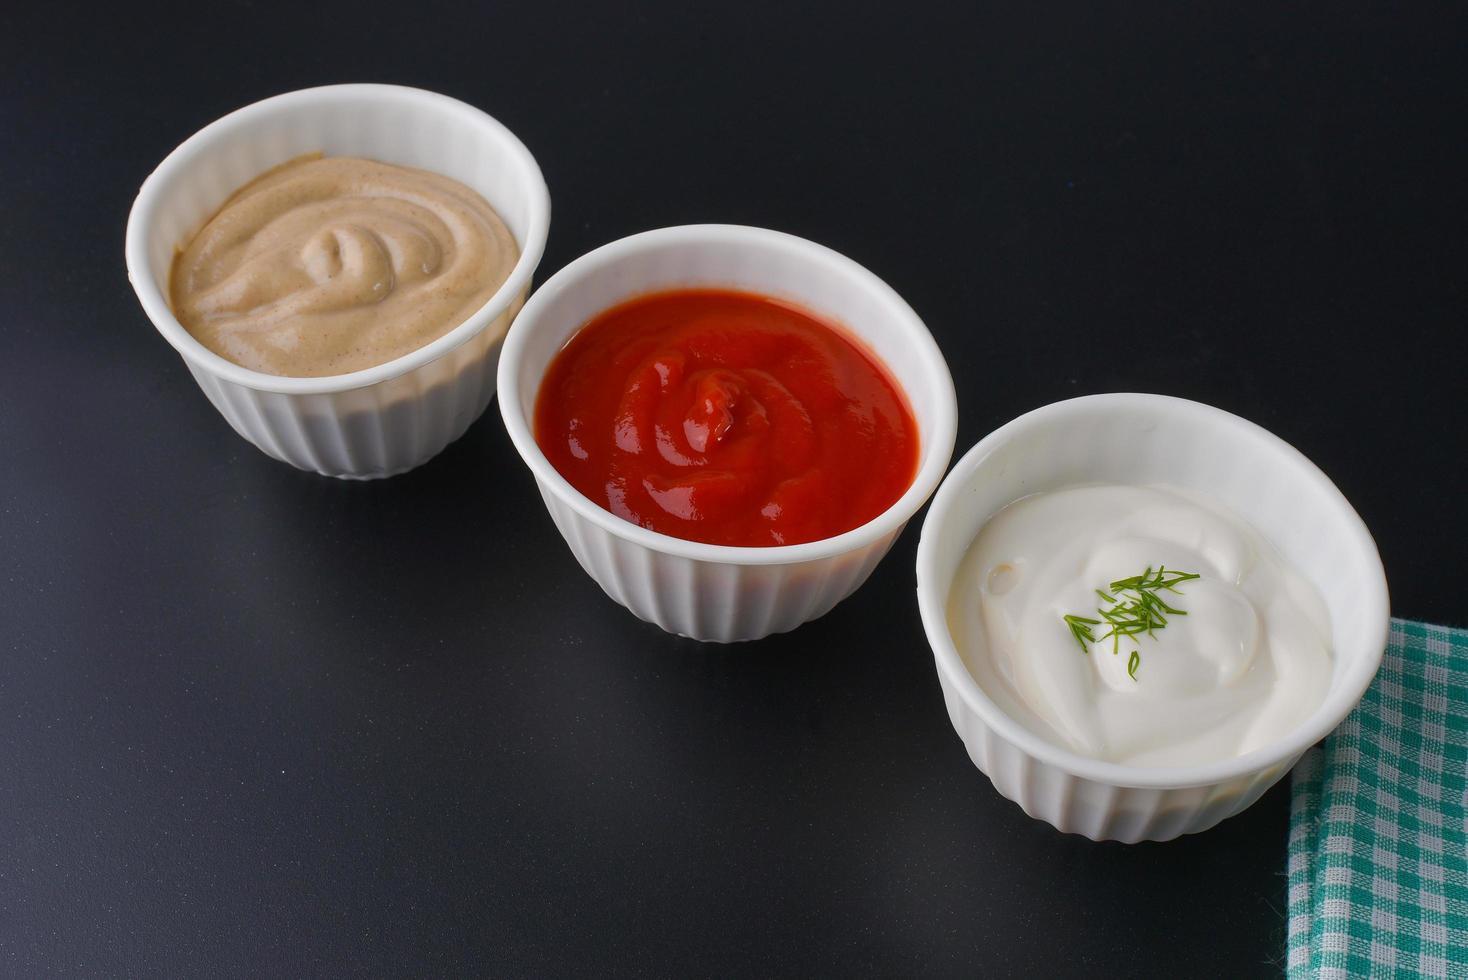 sauces sur fond noir photo